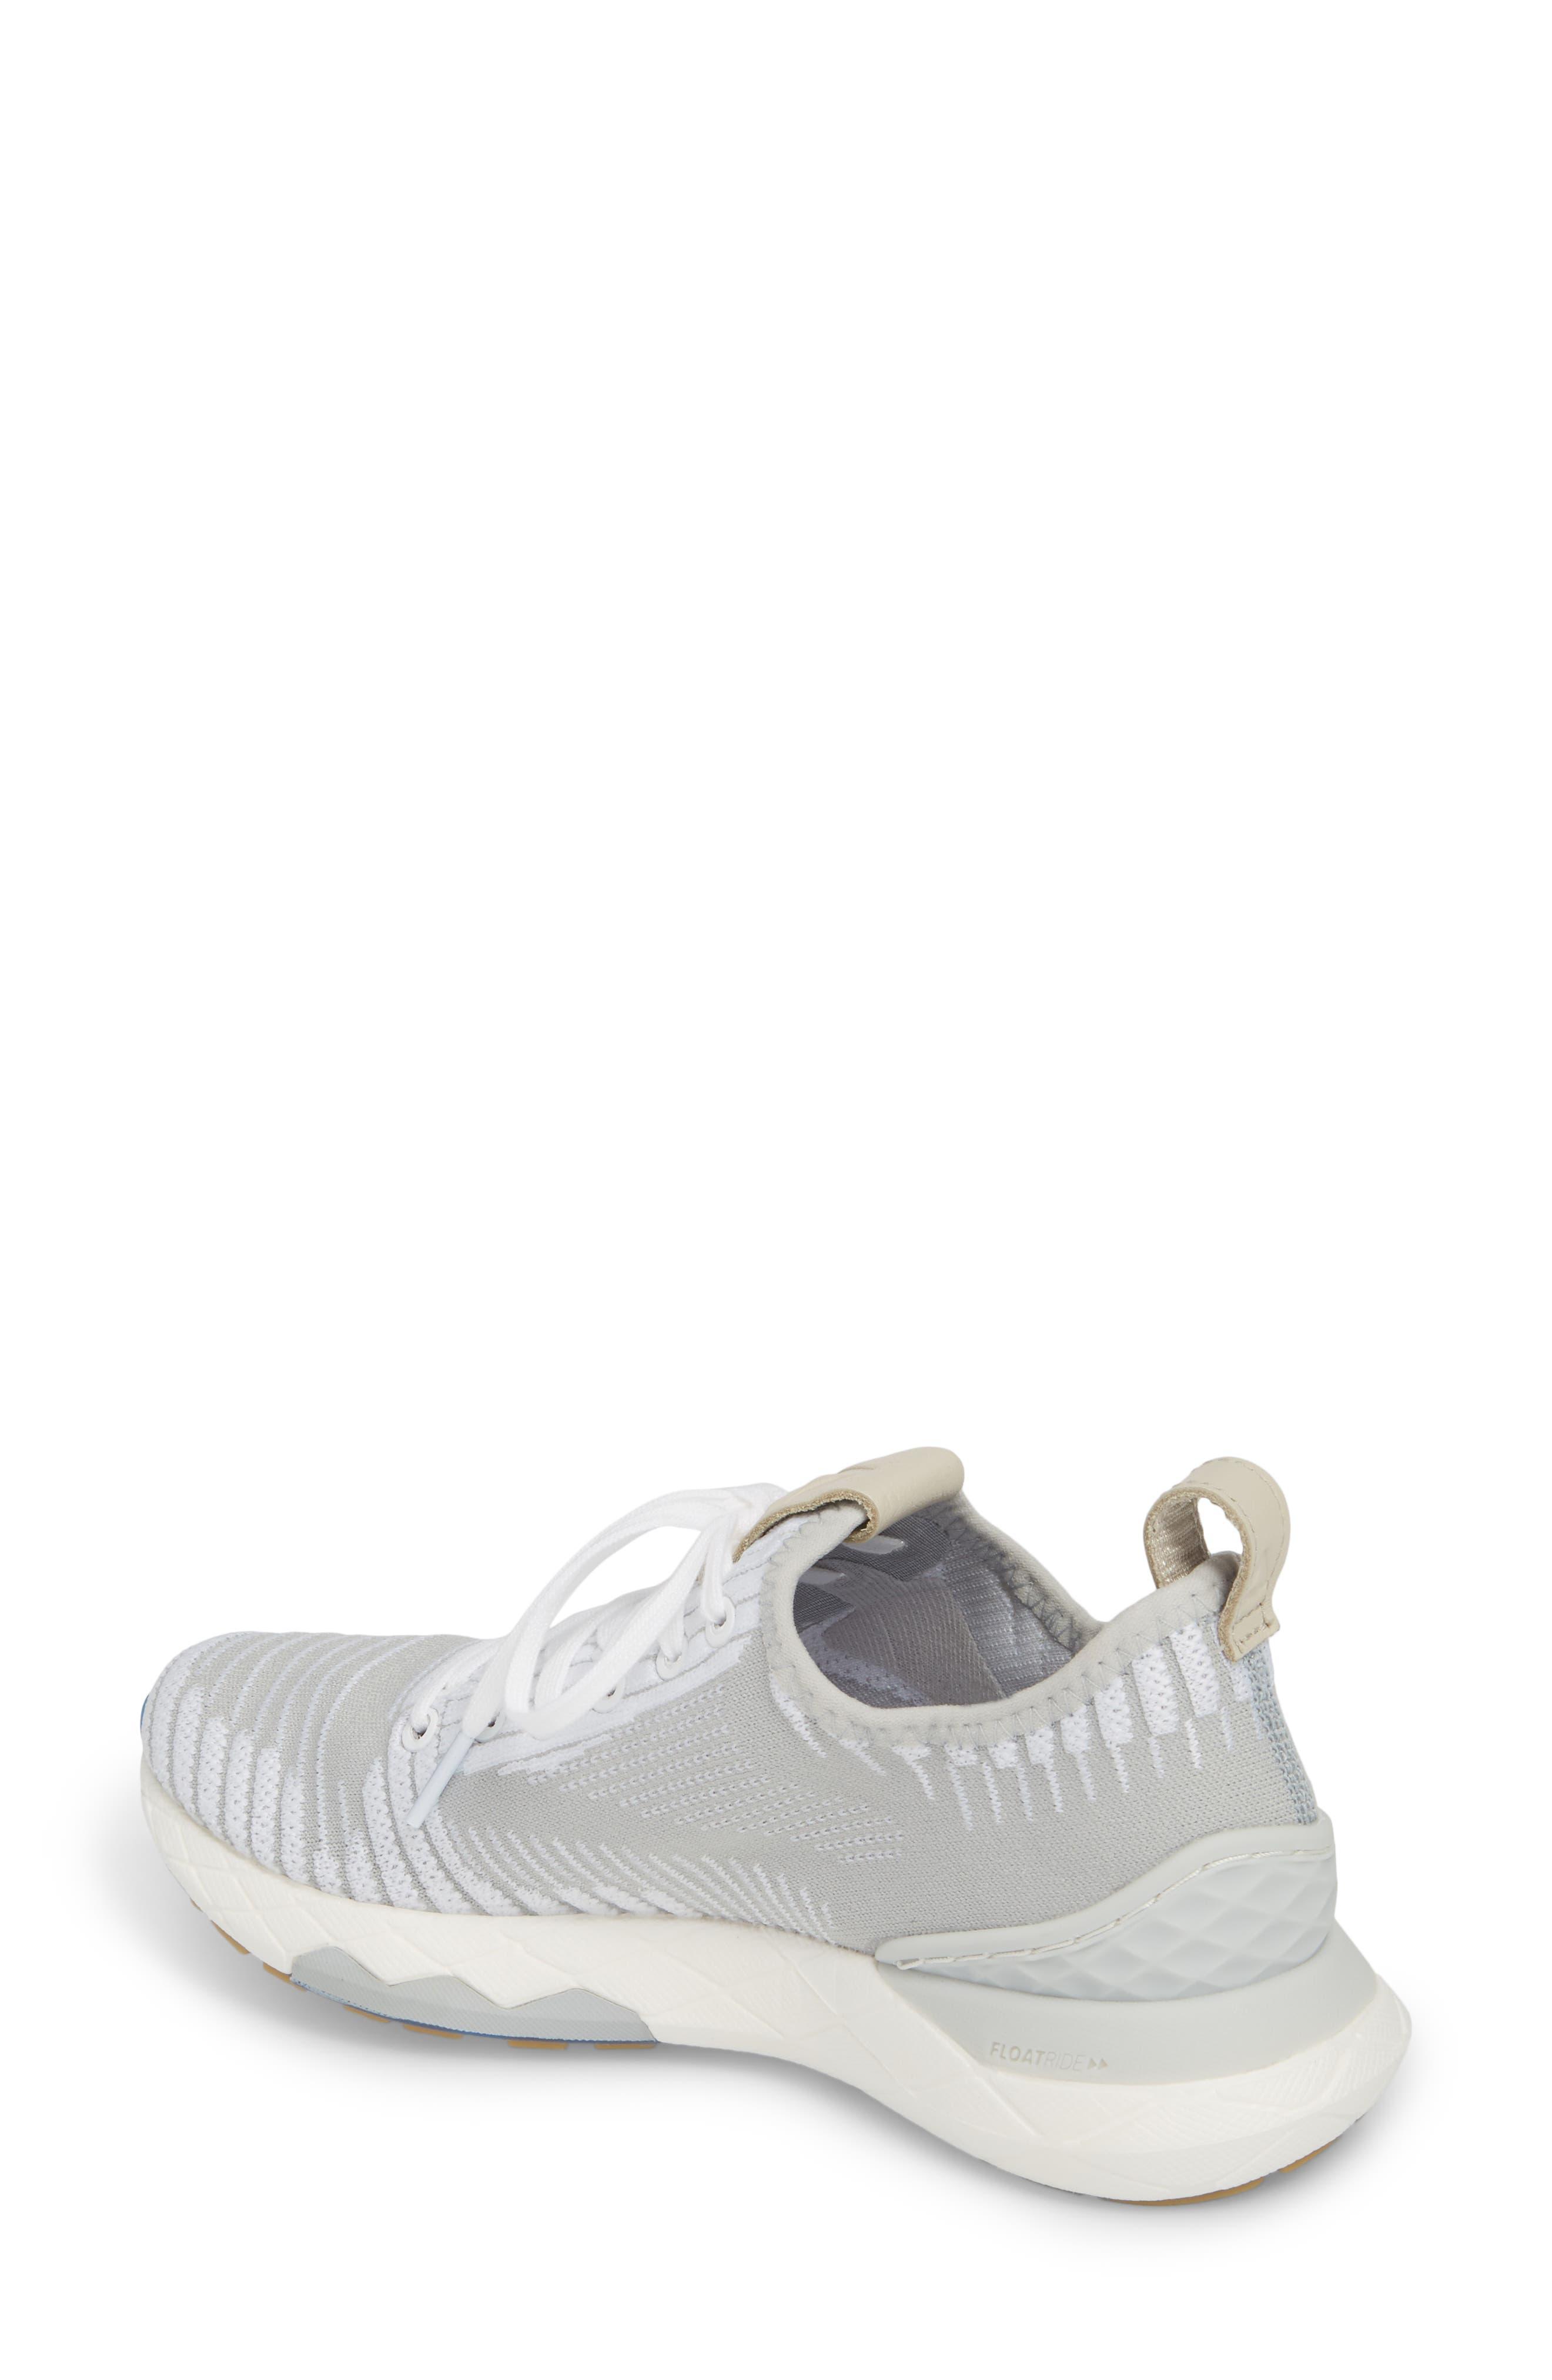 Floatride 6000 Running Shoe,                             Alternate thumbnail 2, color,                             White/ Skull Grey